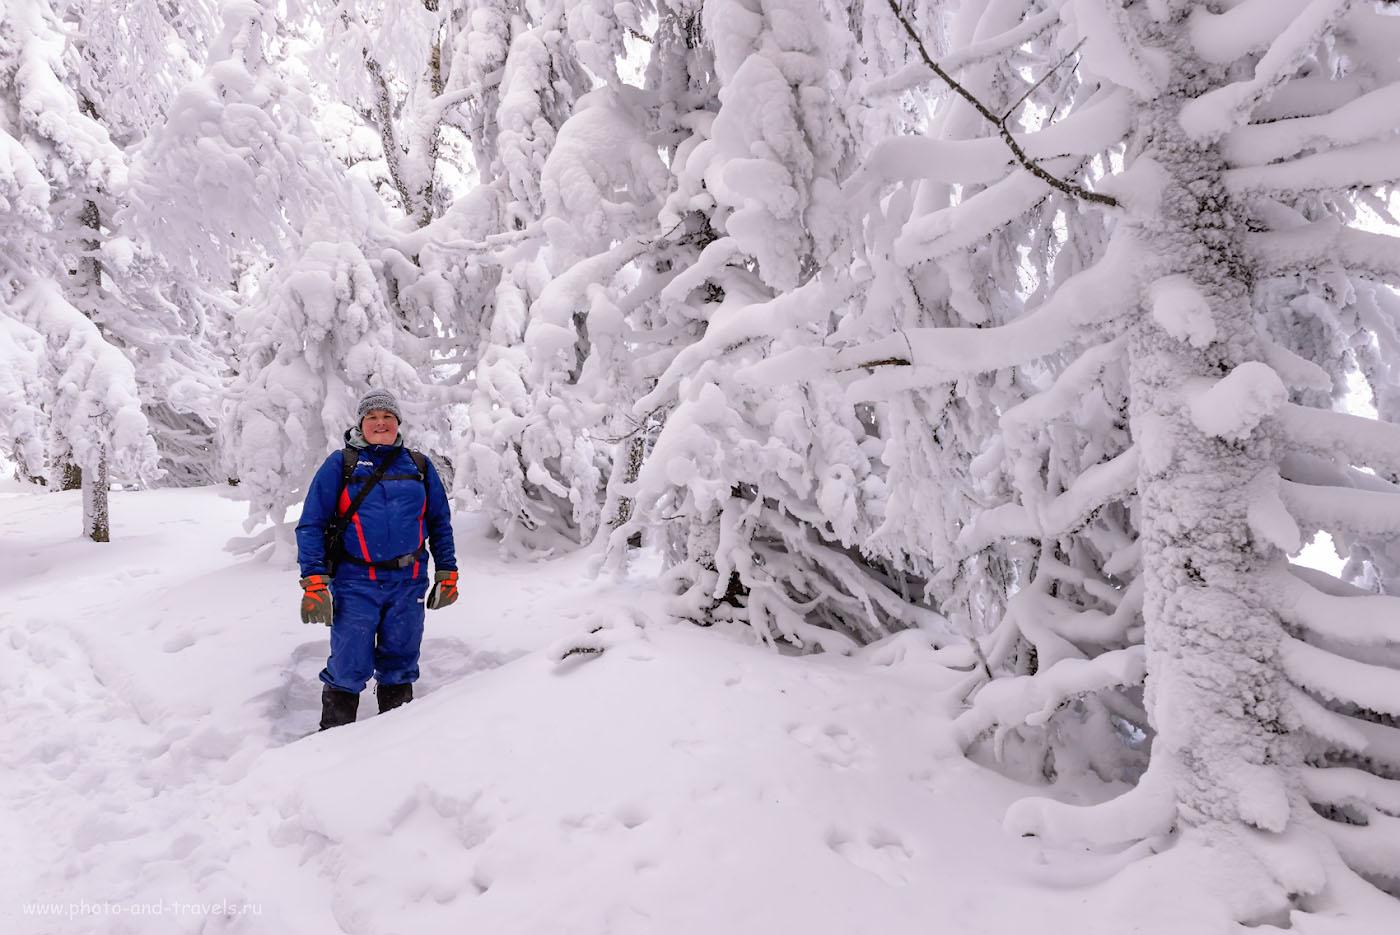 Фотография 10. Стоит ли ехать в национальный парк Зюраткуль зимой? За такими кадрами - думаю да! 1/160, +0.67, 9.0, 1250, 24.